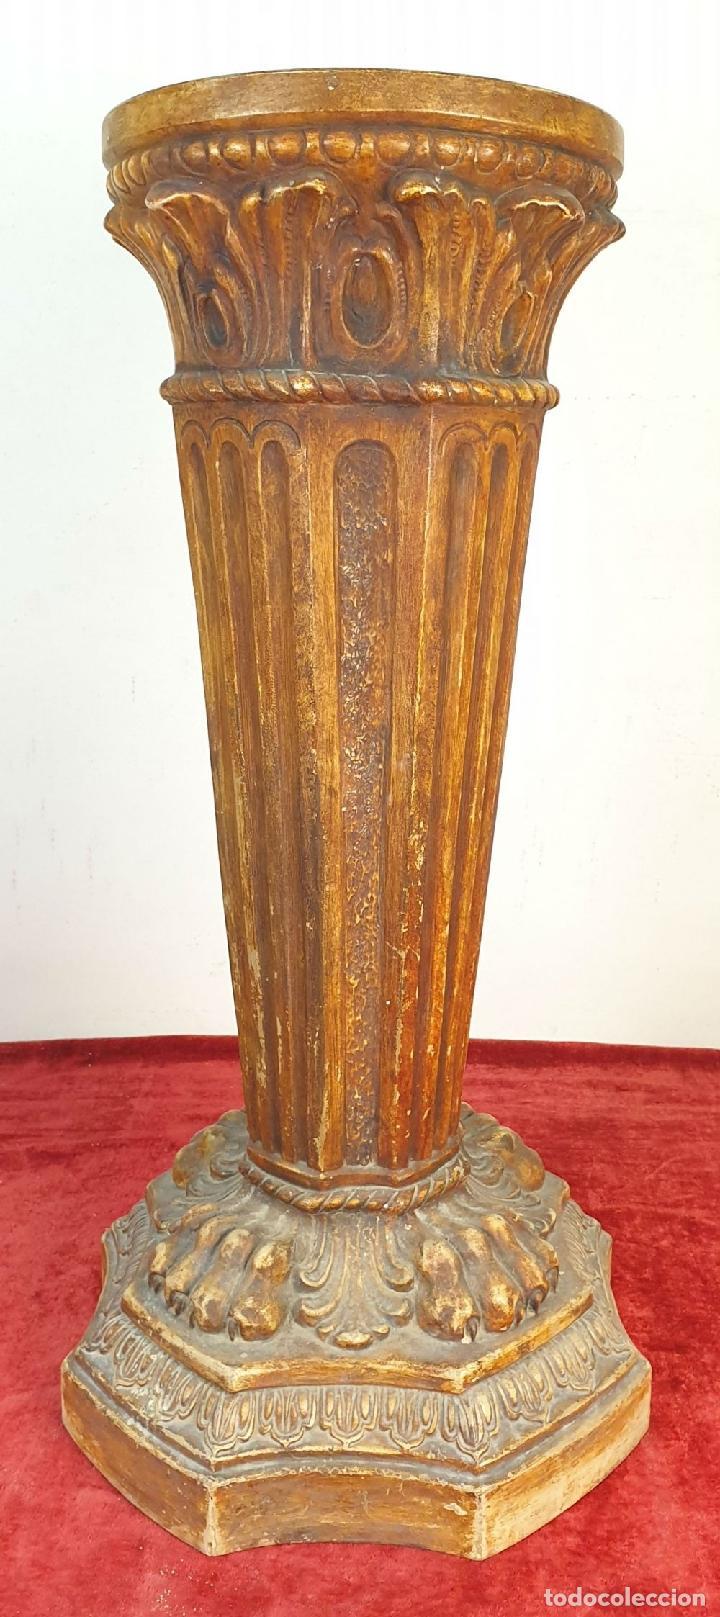 Antigüedades: GRAN JARRÓN CON PEANA. CERÁMICA ESMALTADA. TALAVERA. SIGLO XIX-XX. - Foto 17 - 183886468